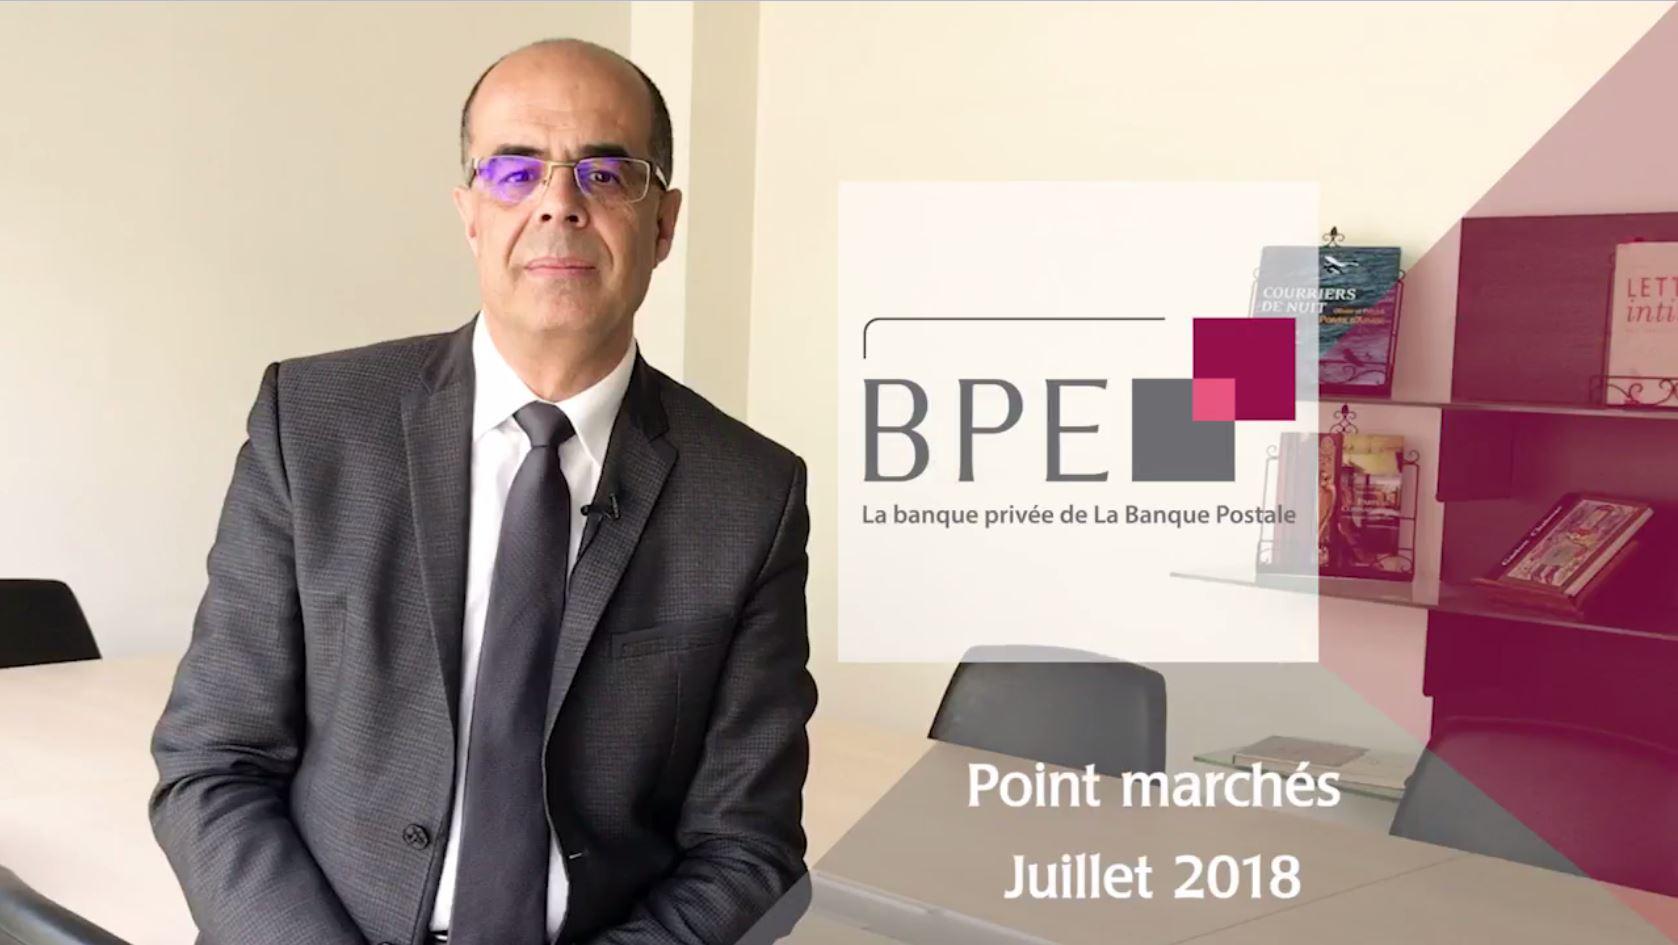 Point marchés - juillet 2018